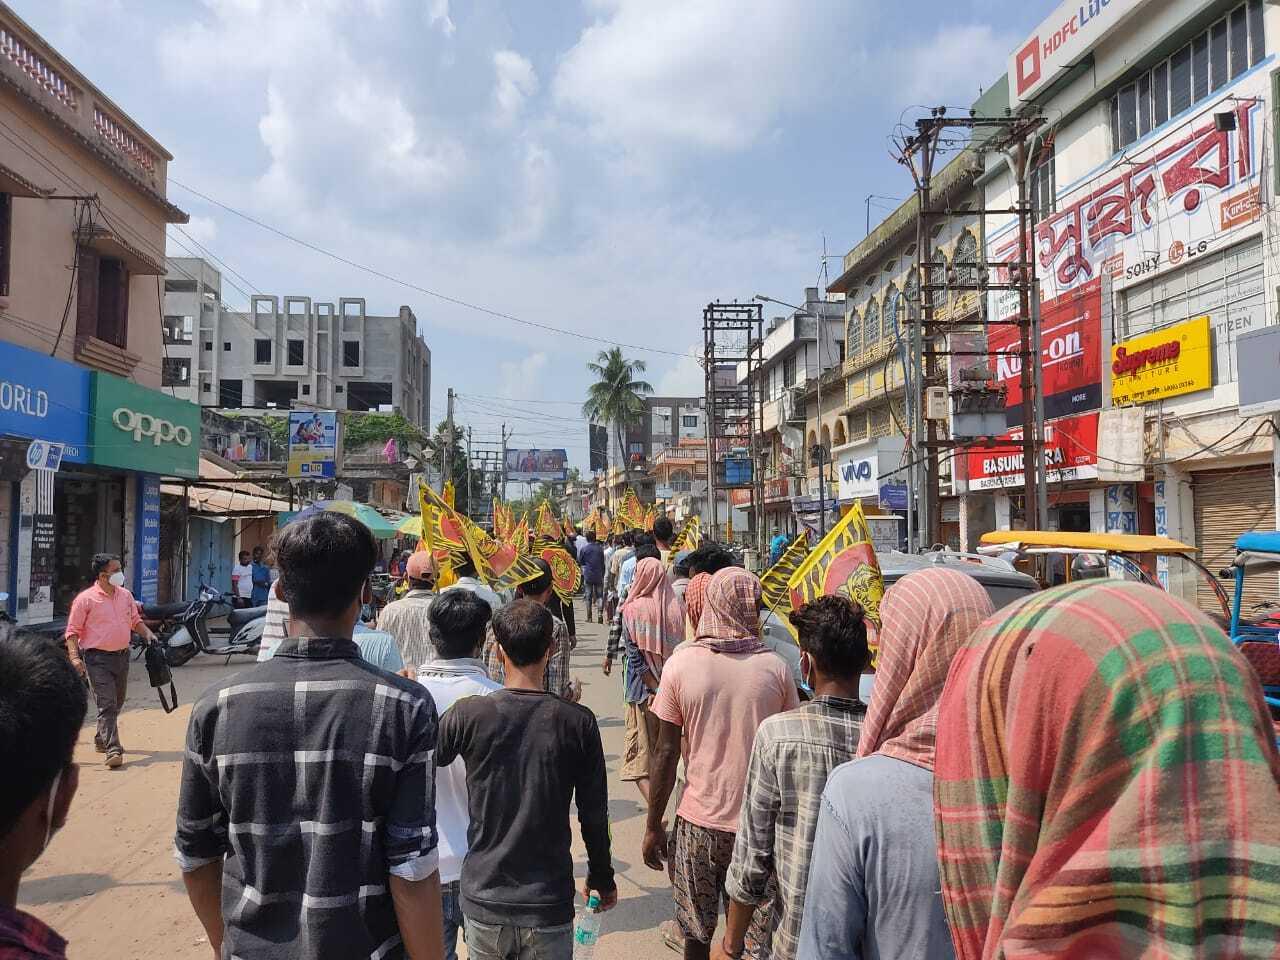 বিশ্বভারতীর উপচার্যের বিরুদ্ধে বোলপুরের পথে 'বাংলা পক্ষ'